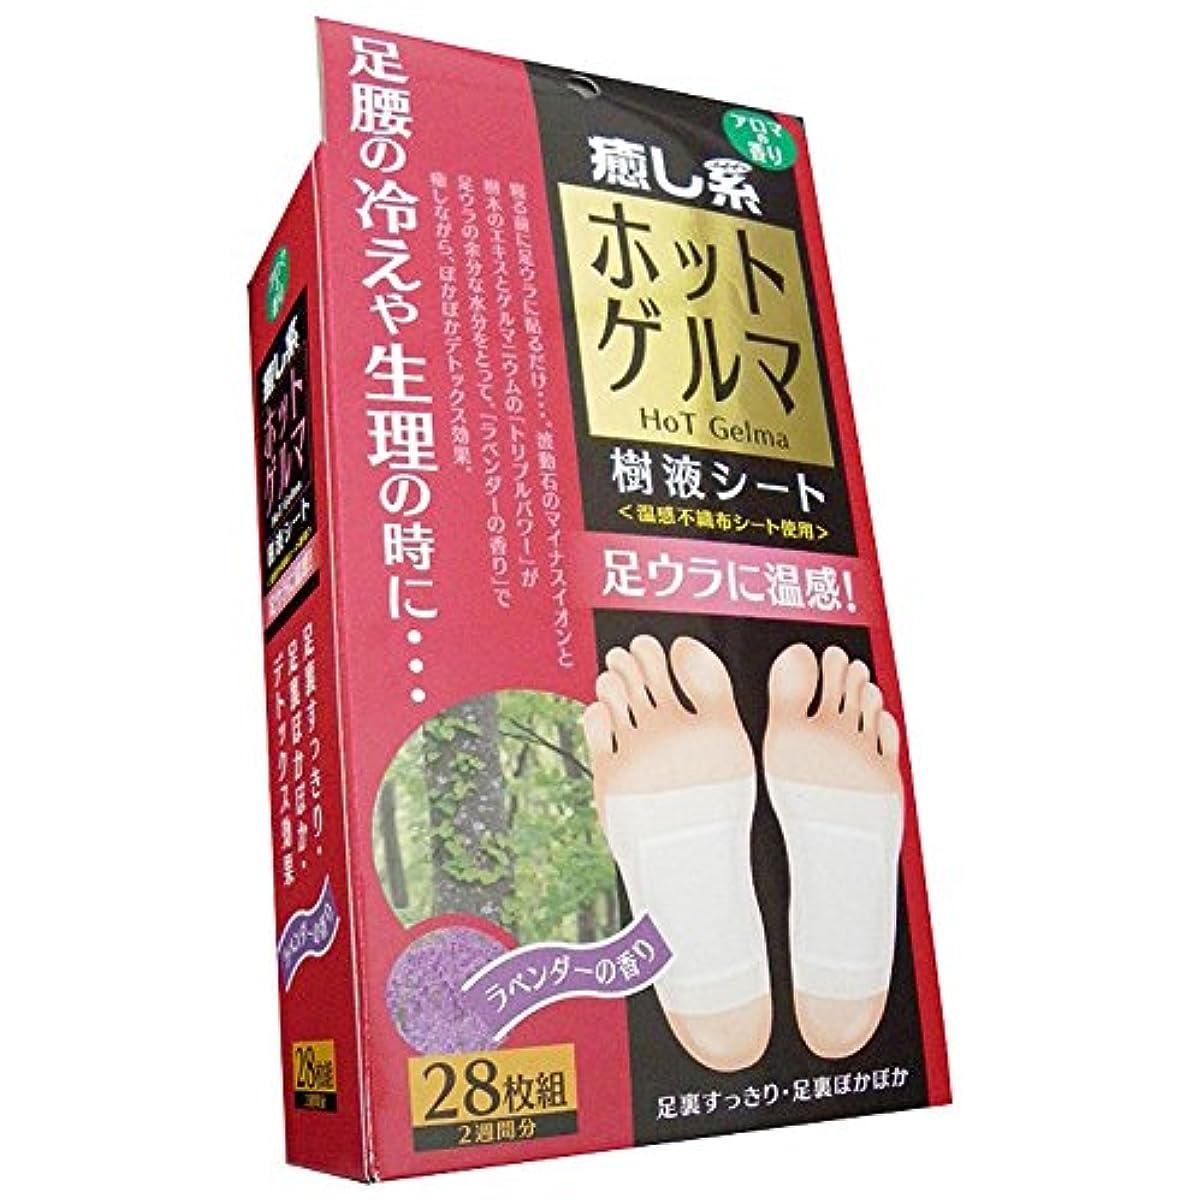 見せます上陸先生日本製 HADARIKI ホットゲルマ樹液シート28枚組 2週間分 ラベンダーの香り 足 裏 樹液 シート フット ケア 足ツボ 健康 まとめ買い